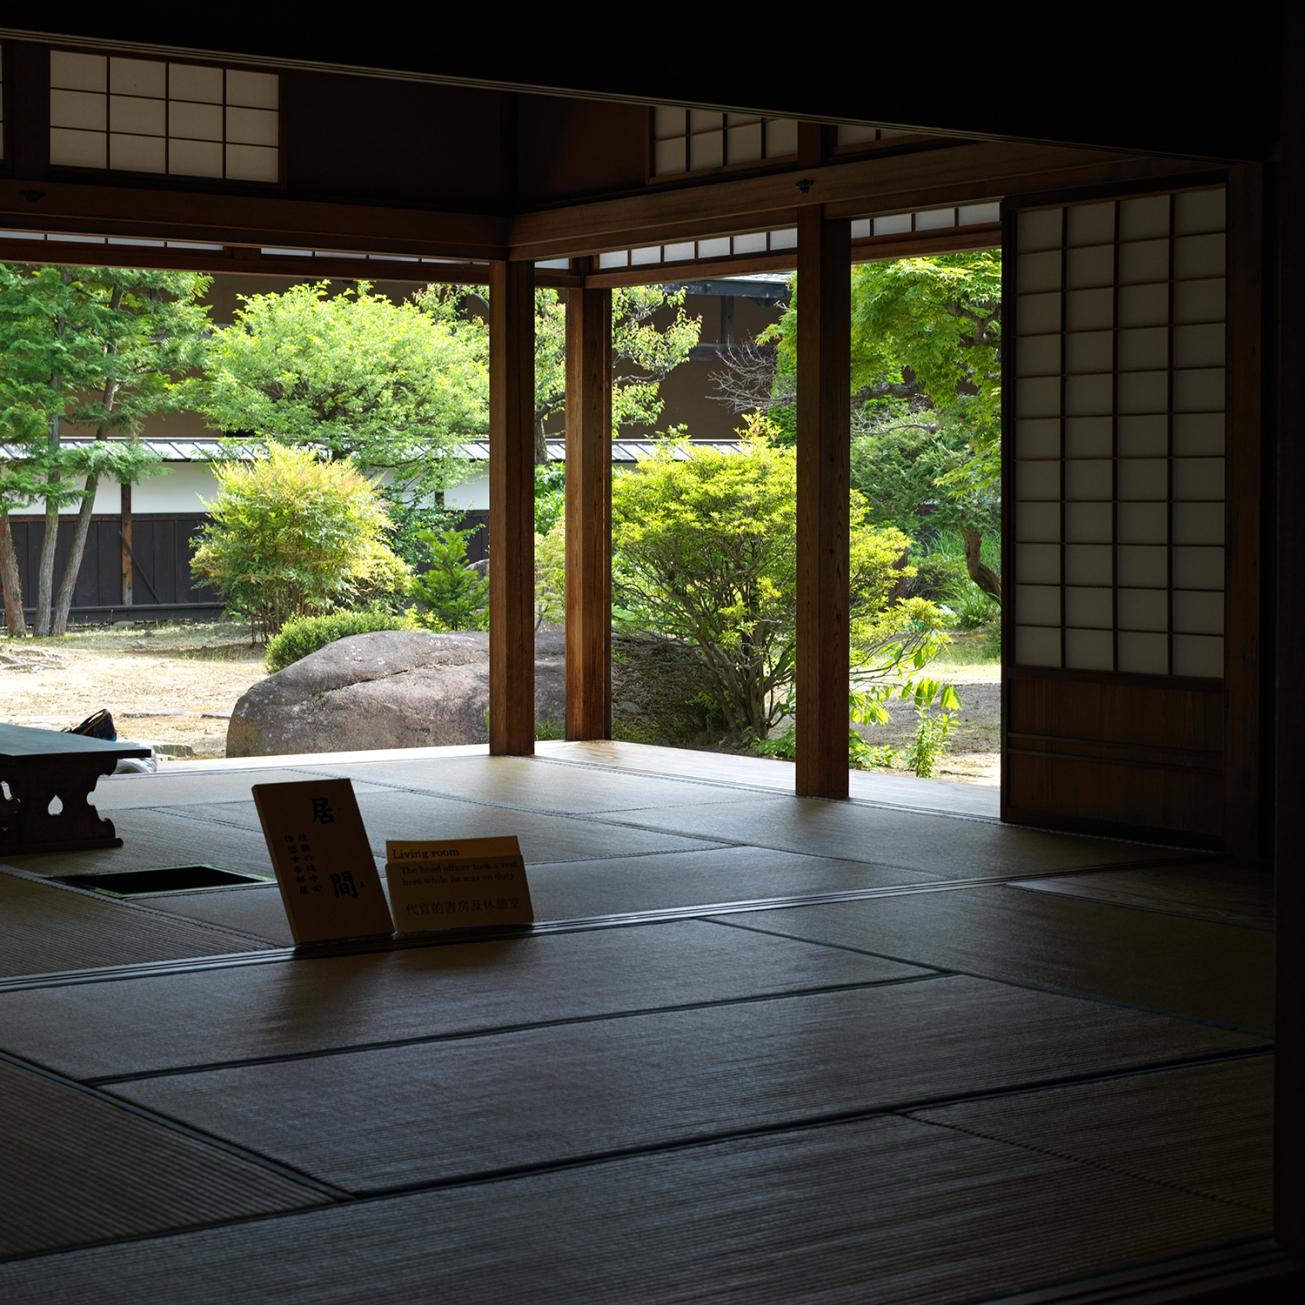 takayama_01_0024